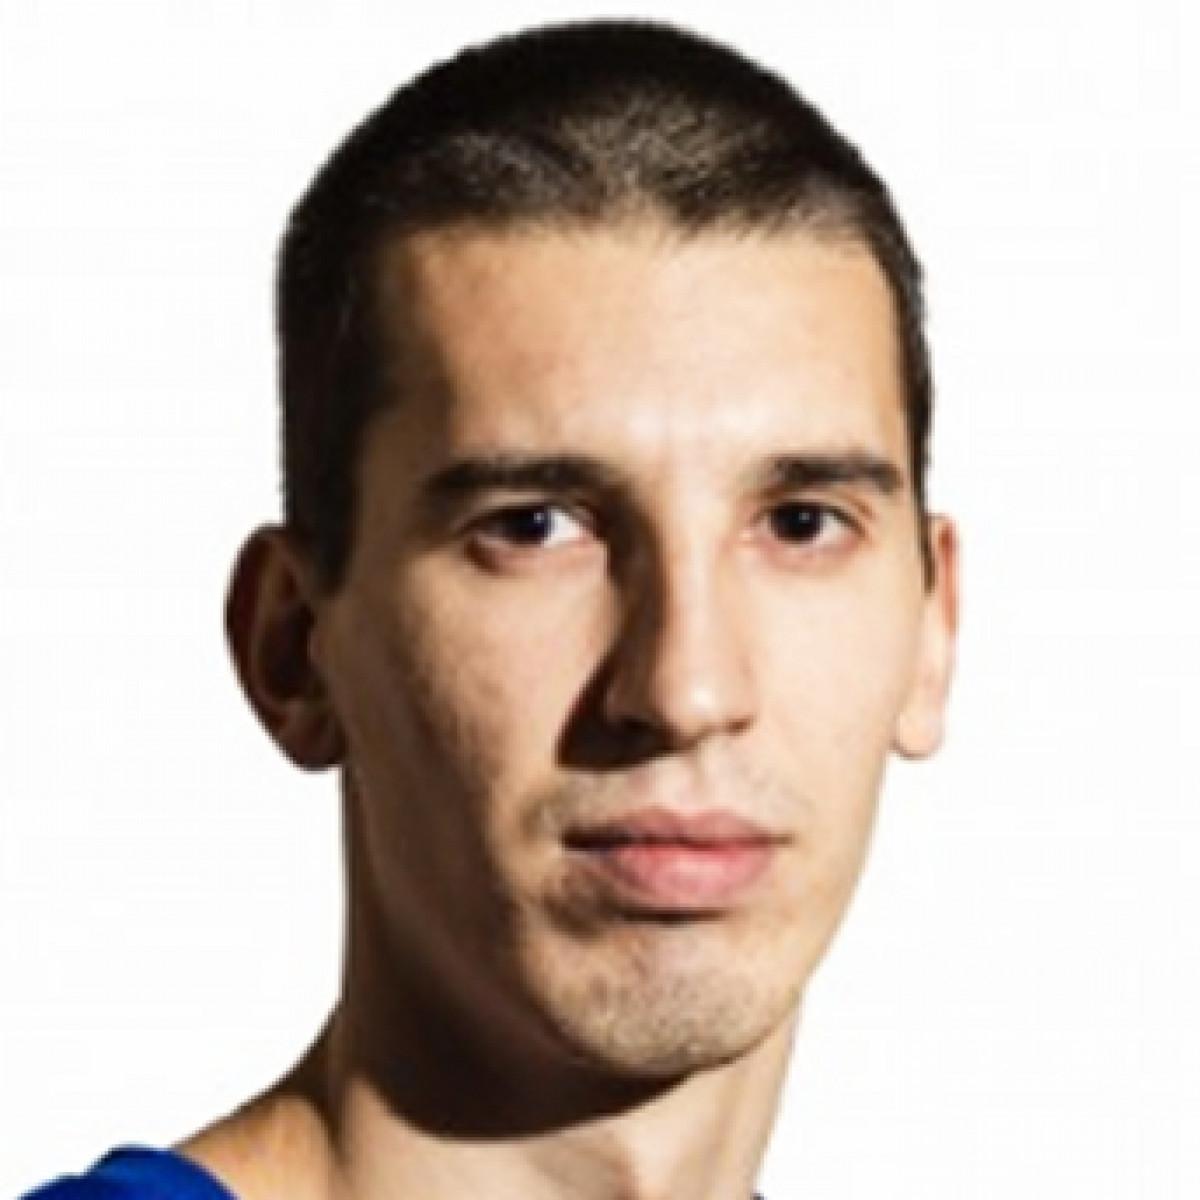 Srdjan Stojanovic